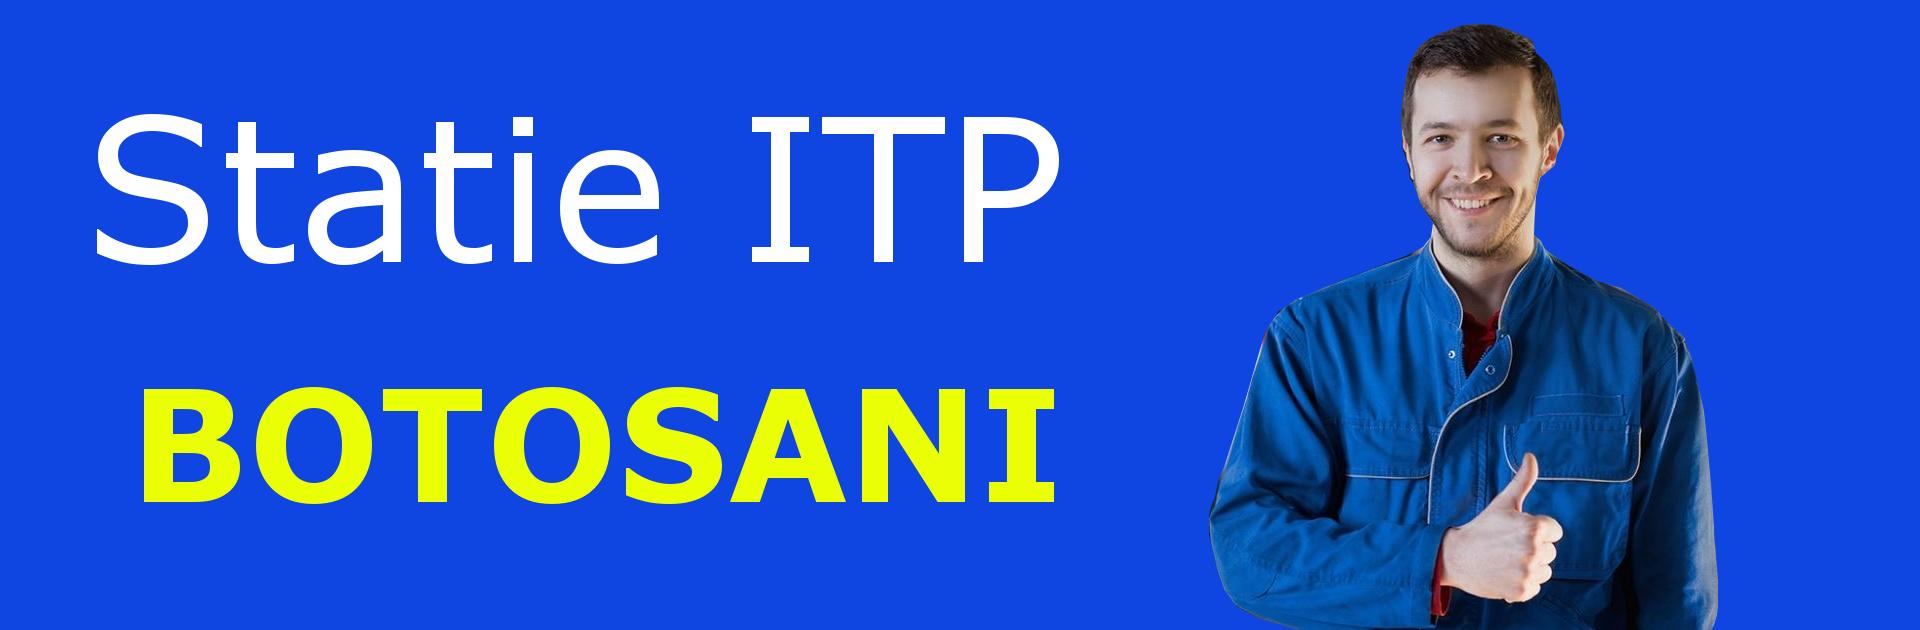 Banner ITP BOTOSANI